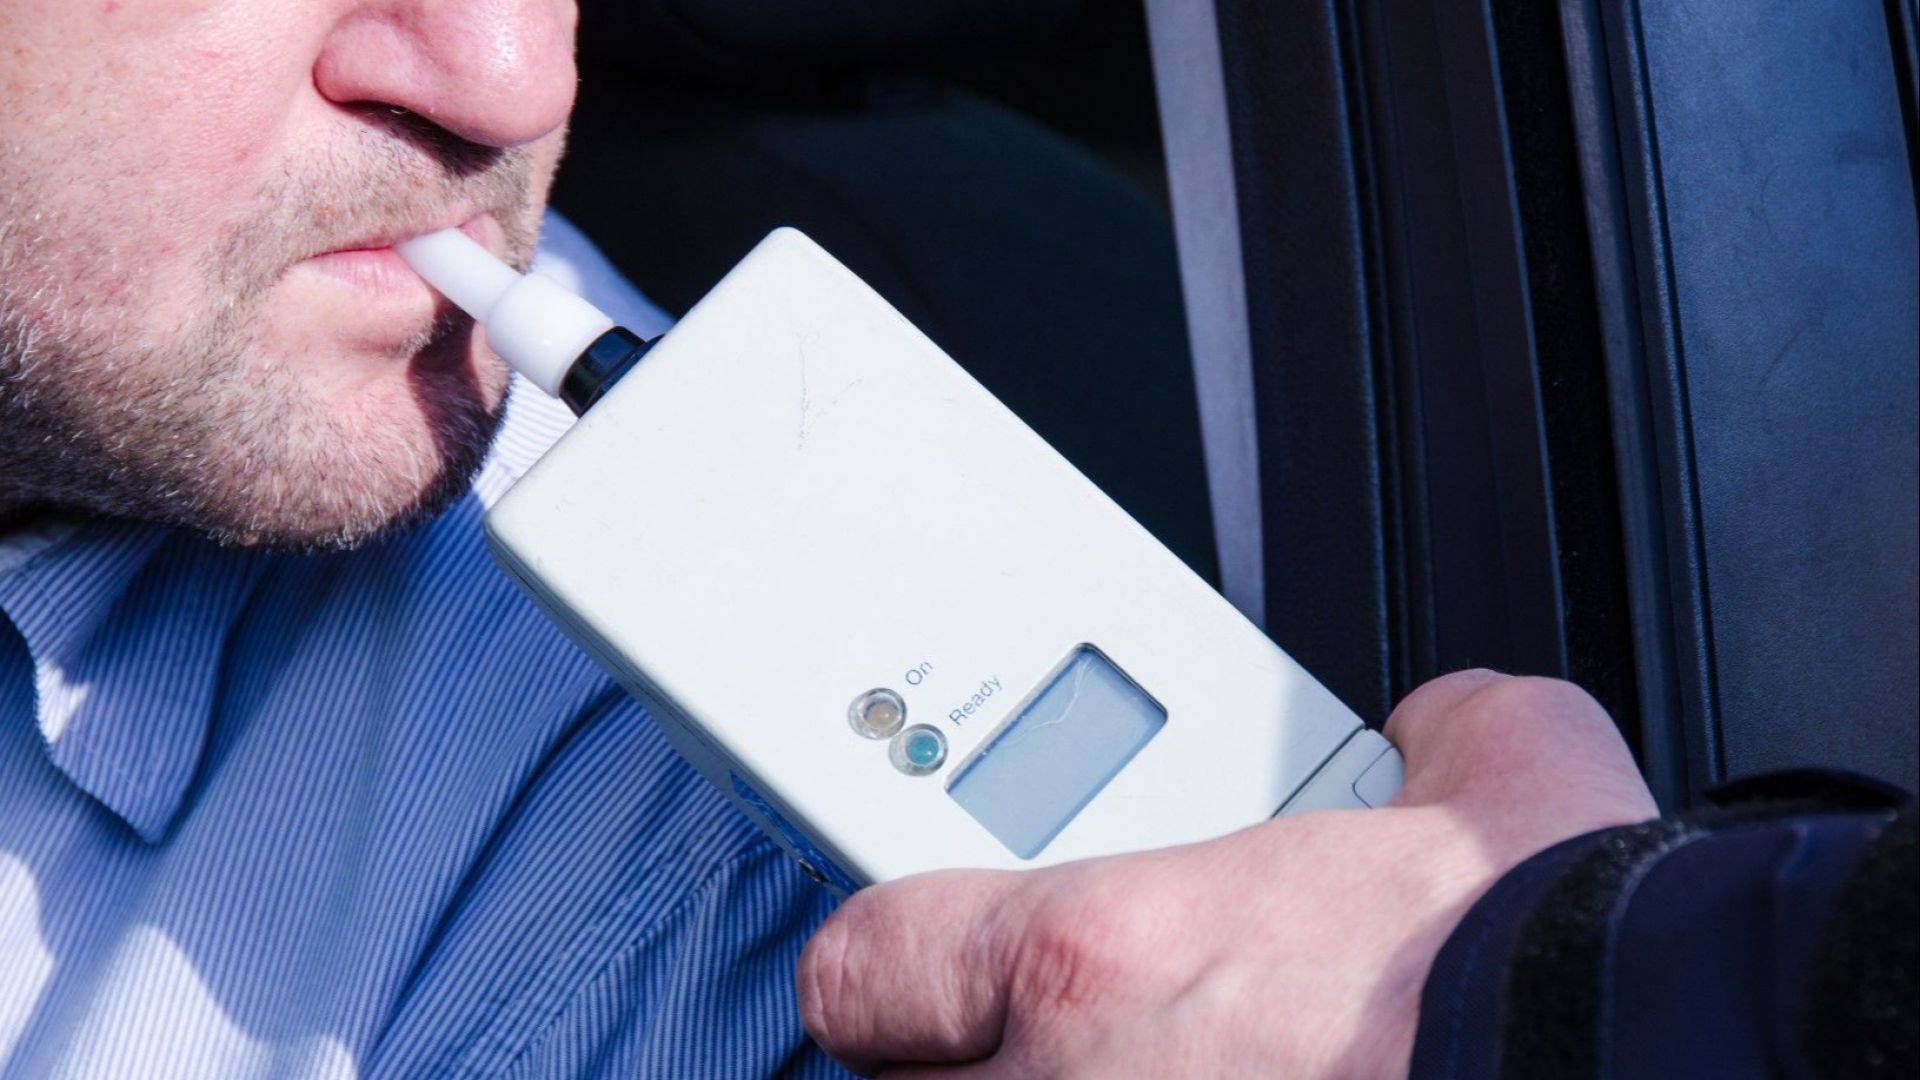 Сколько можно выпить, чтобы сесть за руль: допустимые промилле